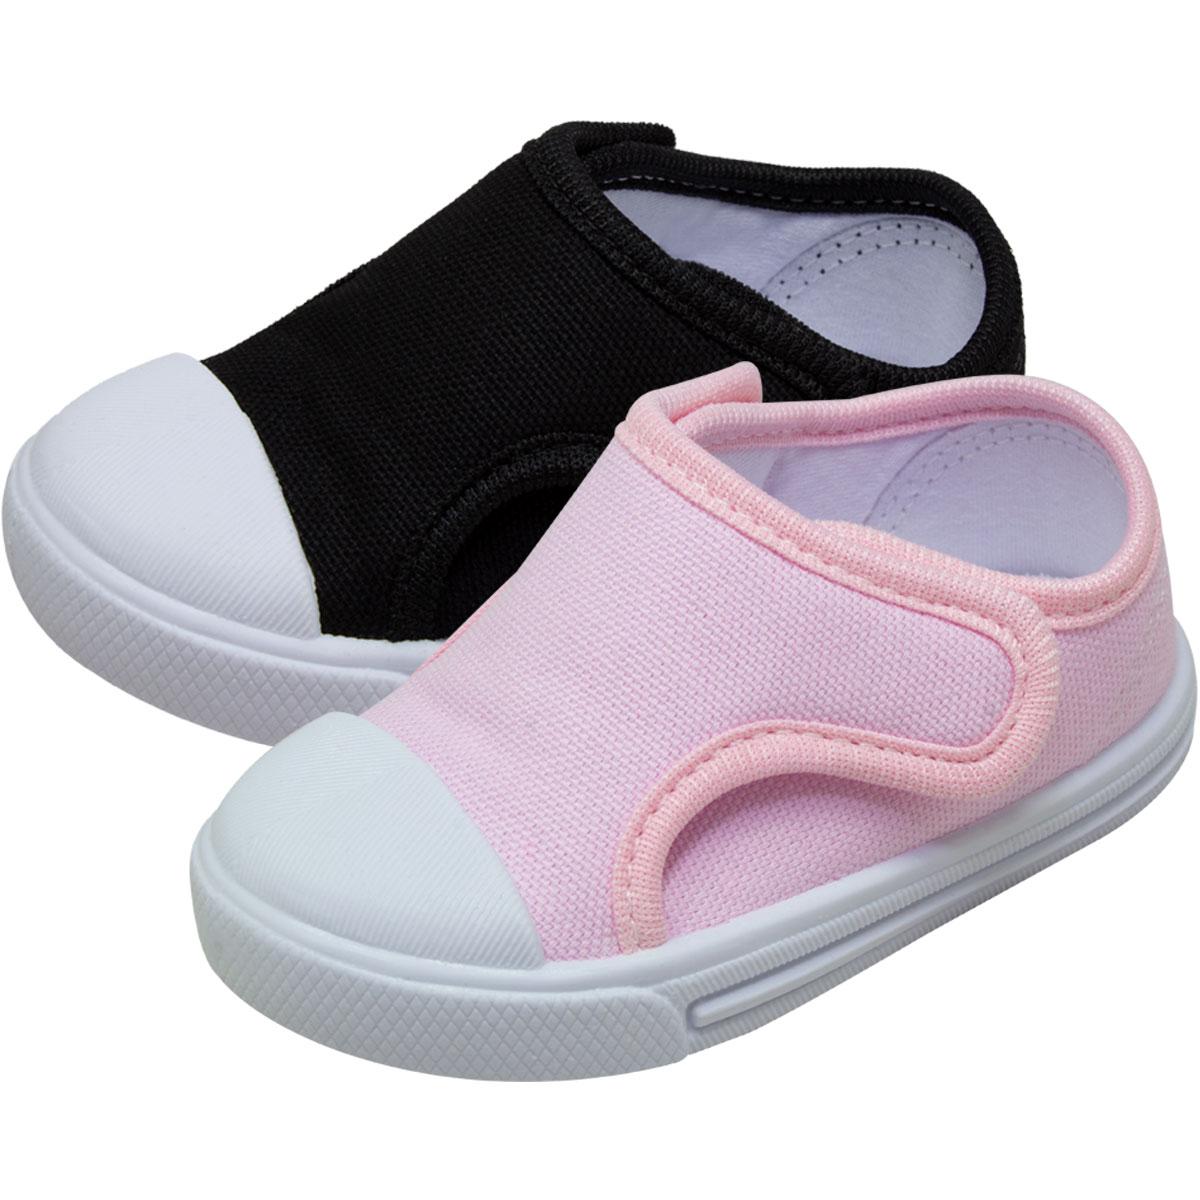 Tênis Infantil Velcro com Sola Keto